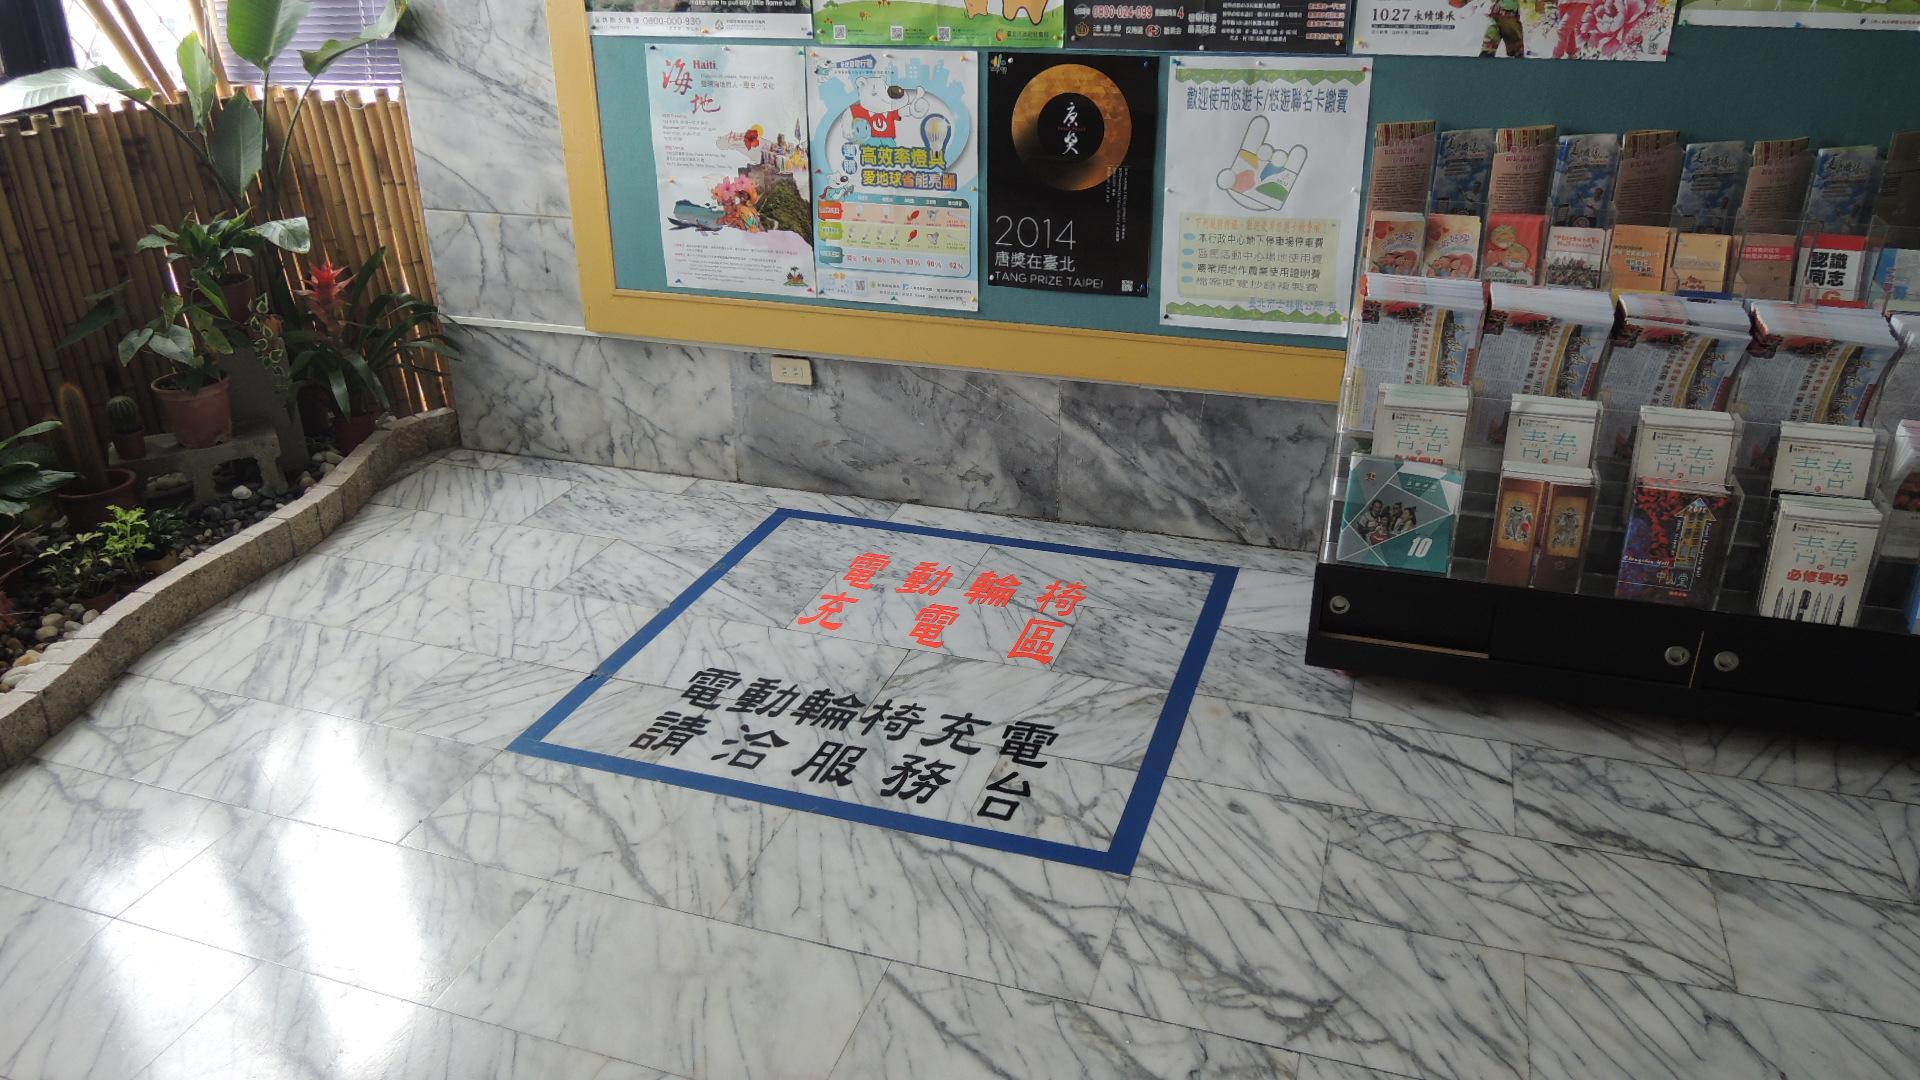 臺北市士林區行政中心9樓電動輪椅充電區